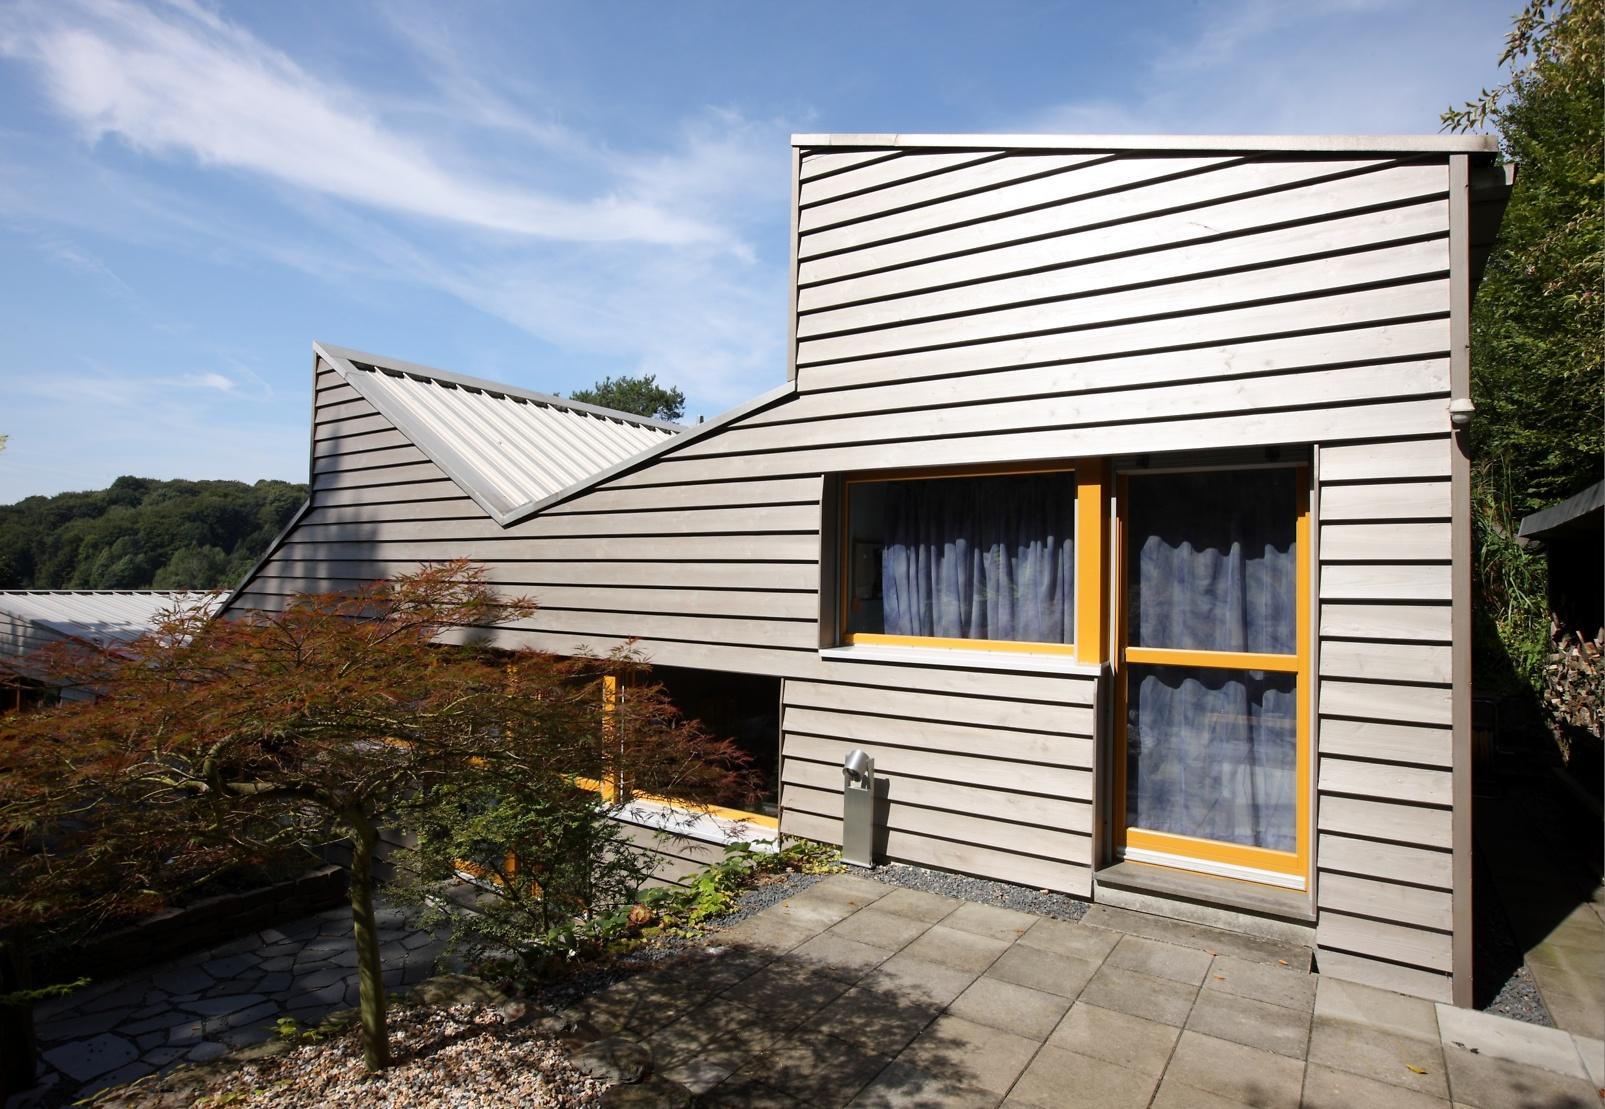 Faszinierend Welche Fassadenfarbe Passt Zu Braunen Fenstern Ideen Von Zur Referenz-Übersicht